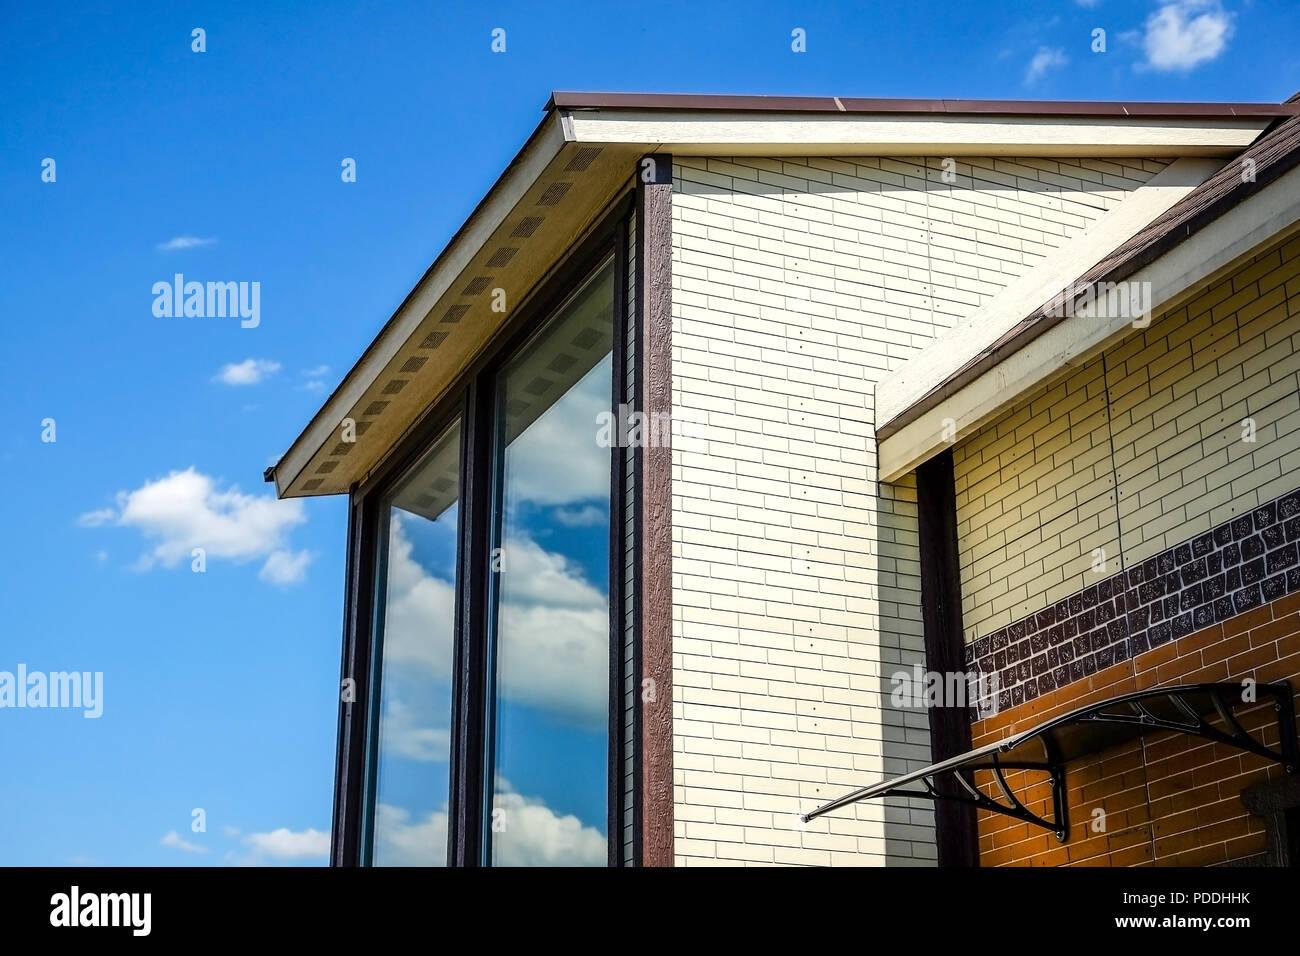 Ferienhaus Mit Panoramablick Auf Das Grosse Fenster Verglasung Der